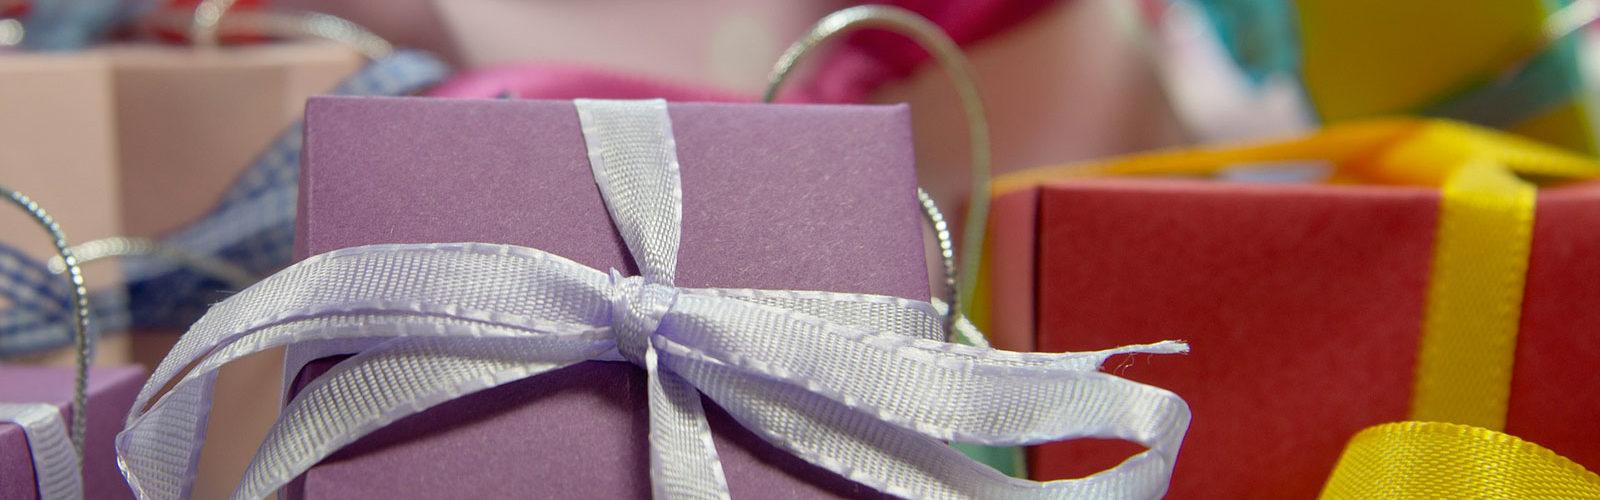 Envoyer des cadeaux de Noel depuis les Etats Unis, douanes et délais